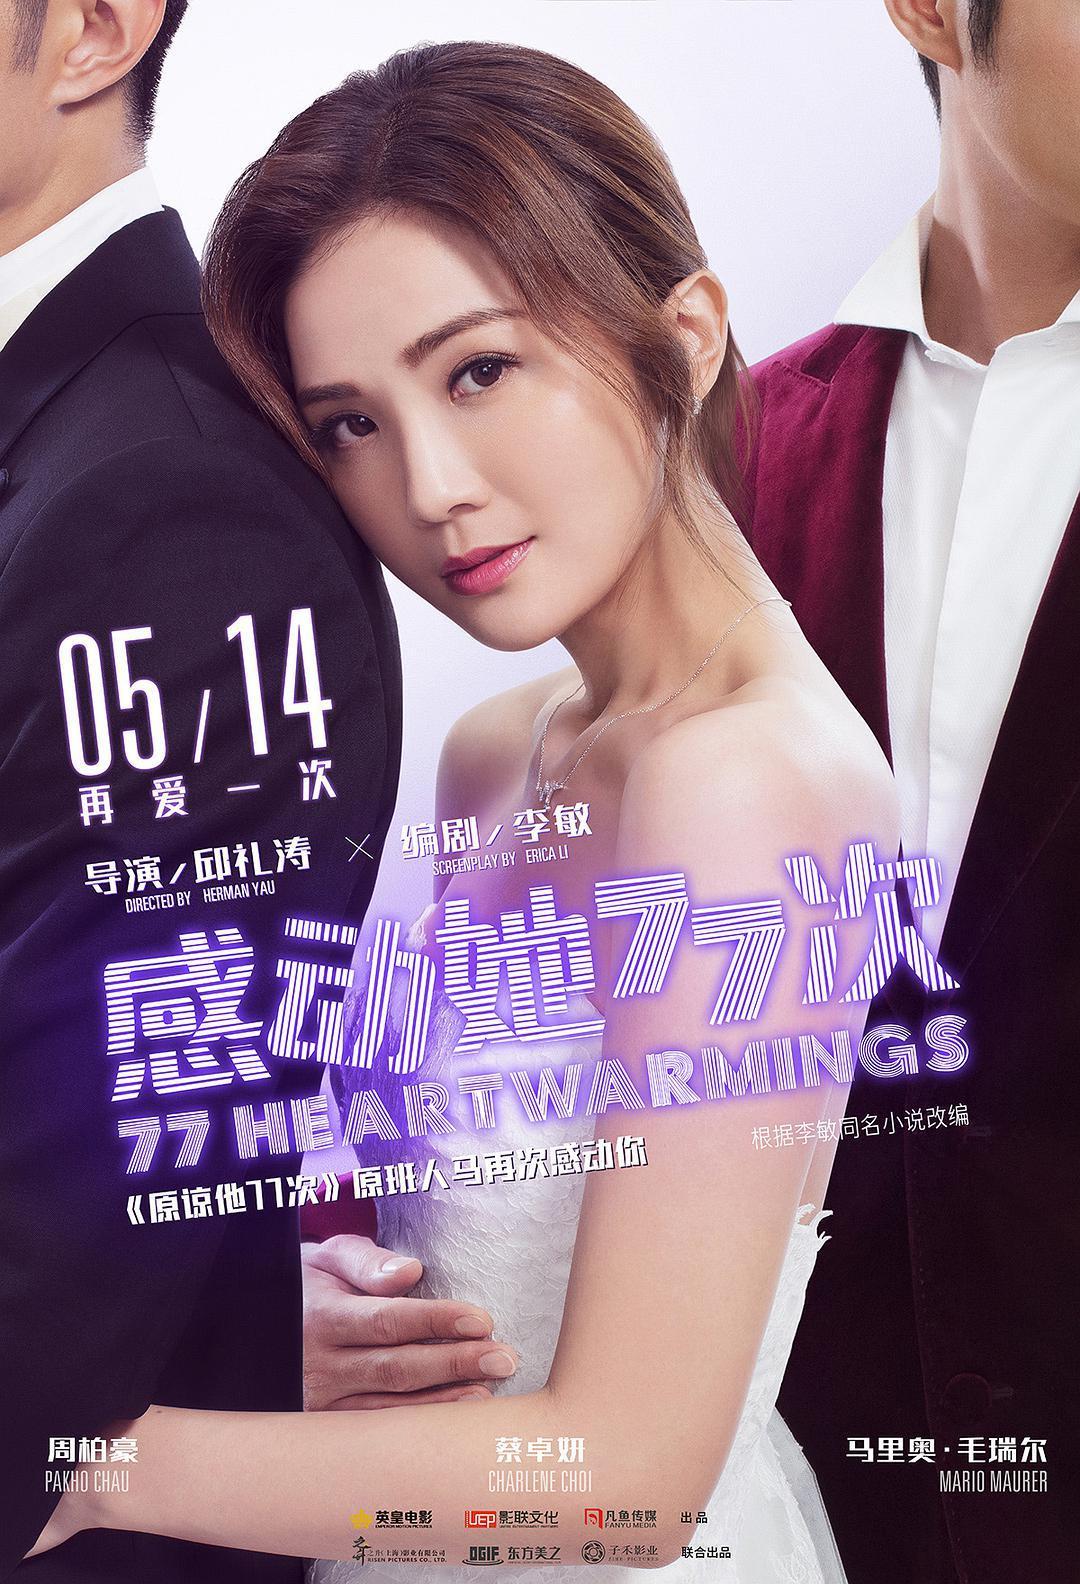 2021蔡卓妍喜剧爱情《感动她77次》HD4K/1080P.国粤双语.中字